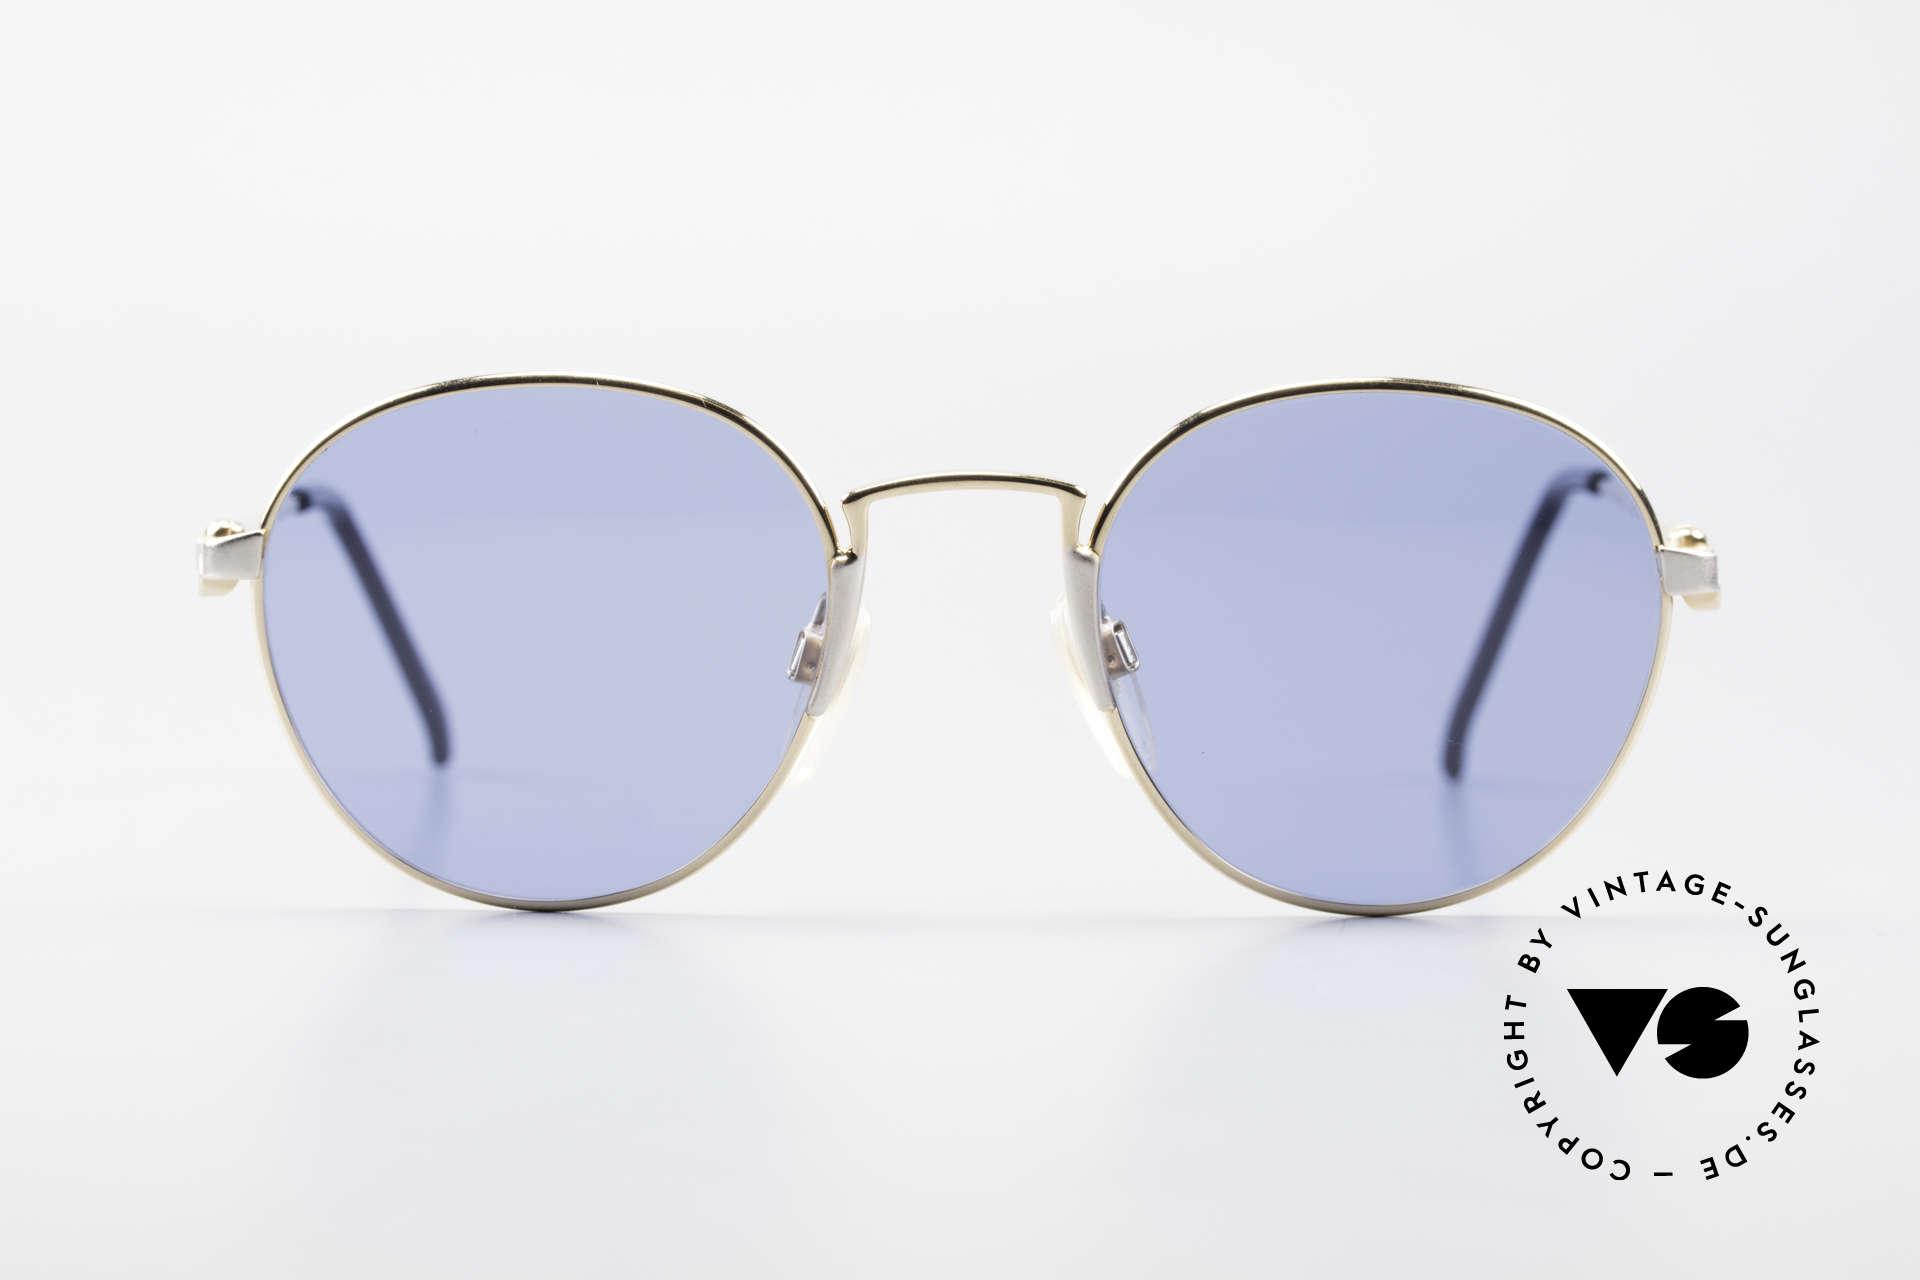 Bugatti EB600 Luxury Bugatti Panto Glasses, a Panto frame design is very hard to find at Bugatti, Made for Men